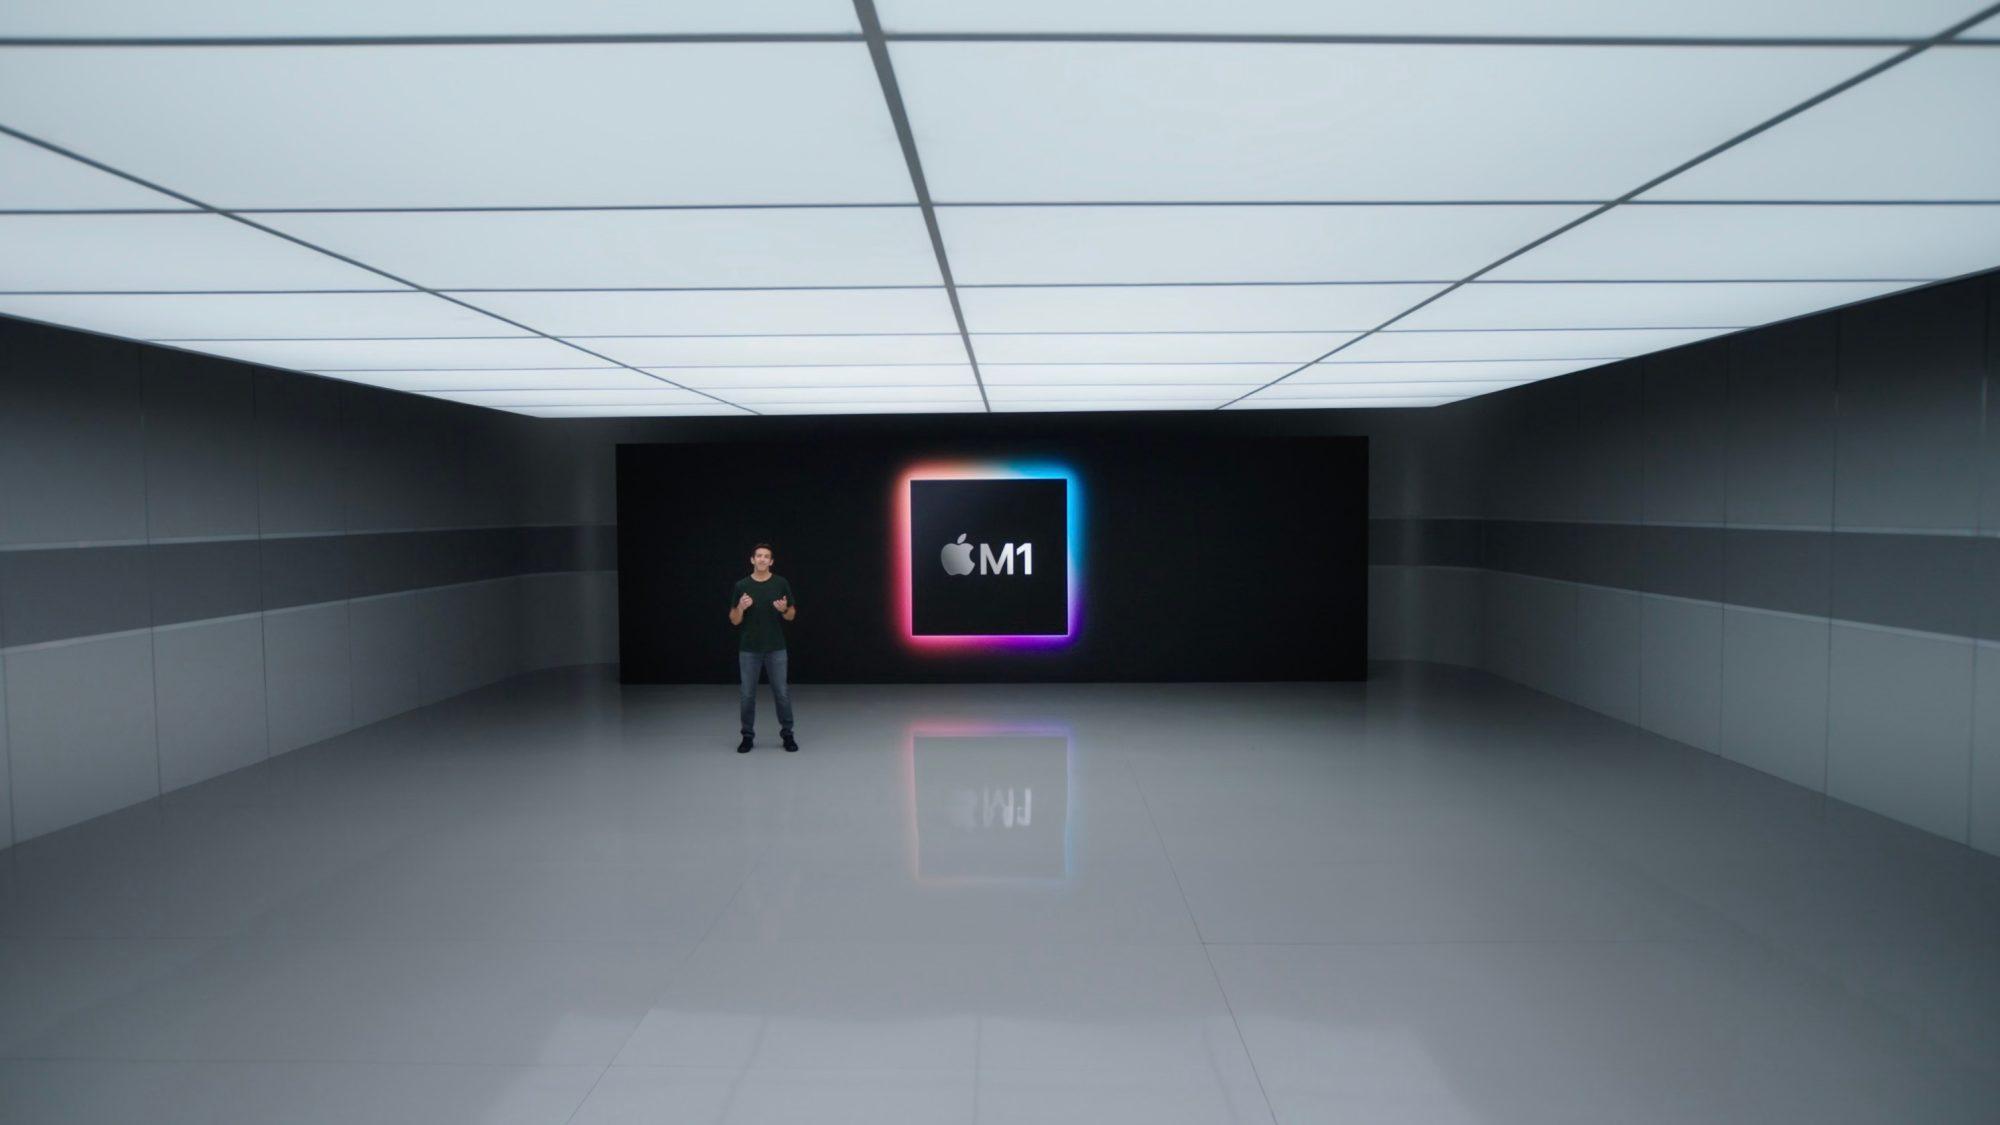 Apple chystá ARM procesor s až 32 jádry, cílí do chystaných Maců